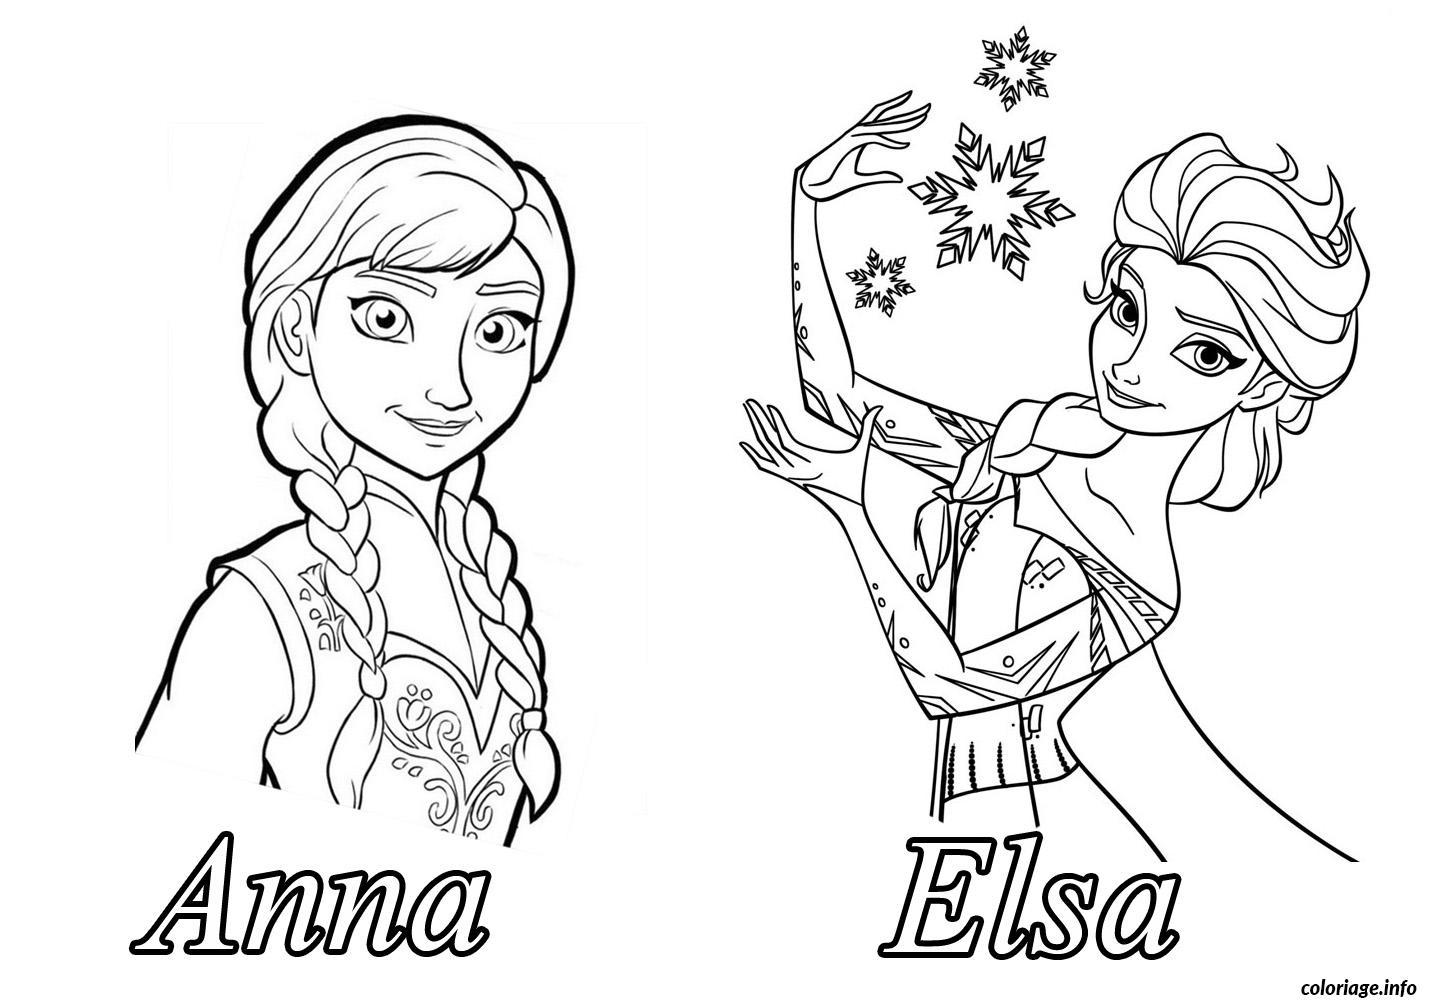 Dessin Coloriage Elsa - Coloriage Ideas pour Reine Des Neiges Dessin À Colorier